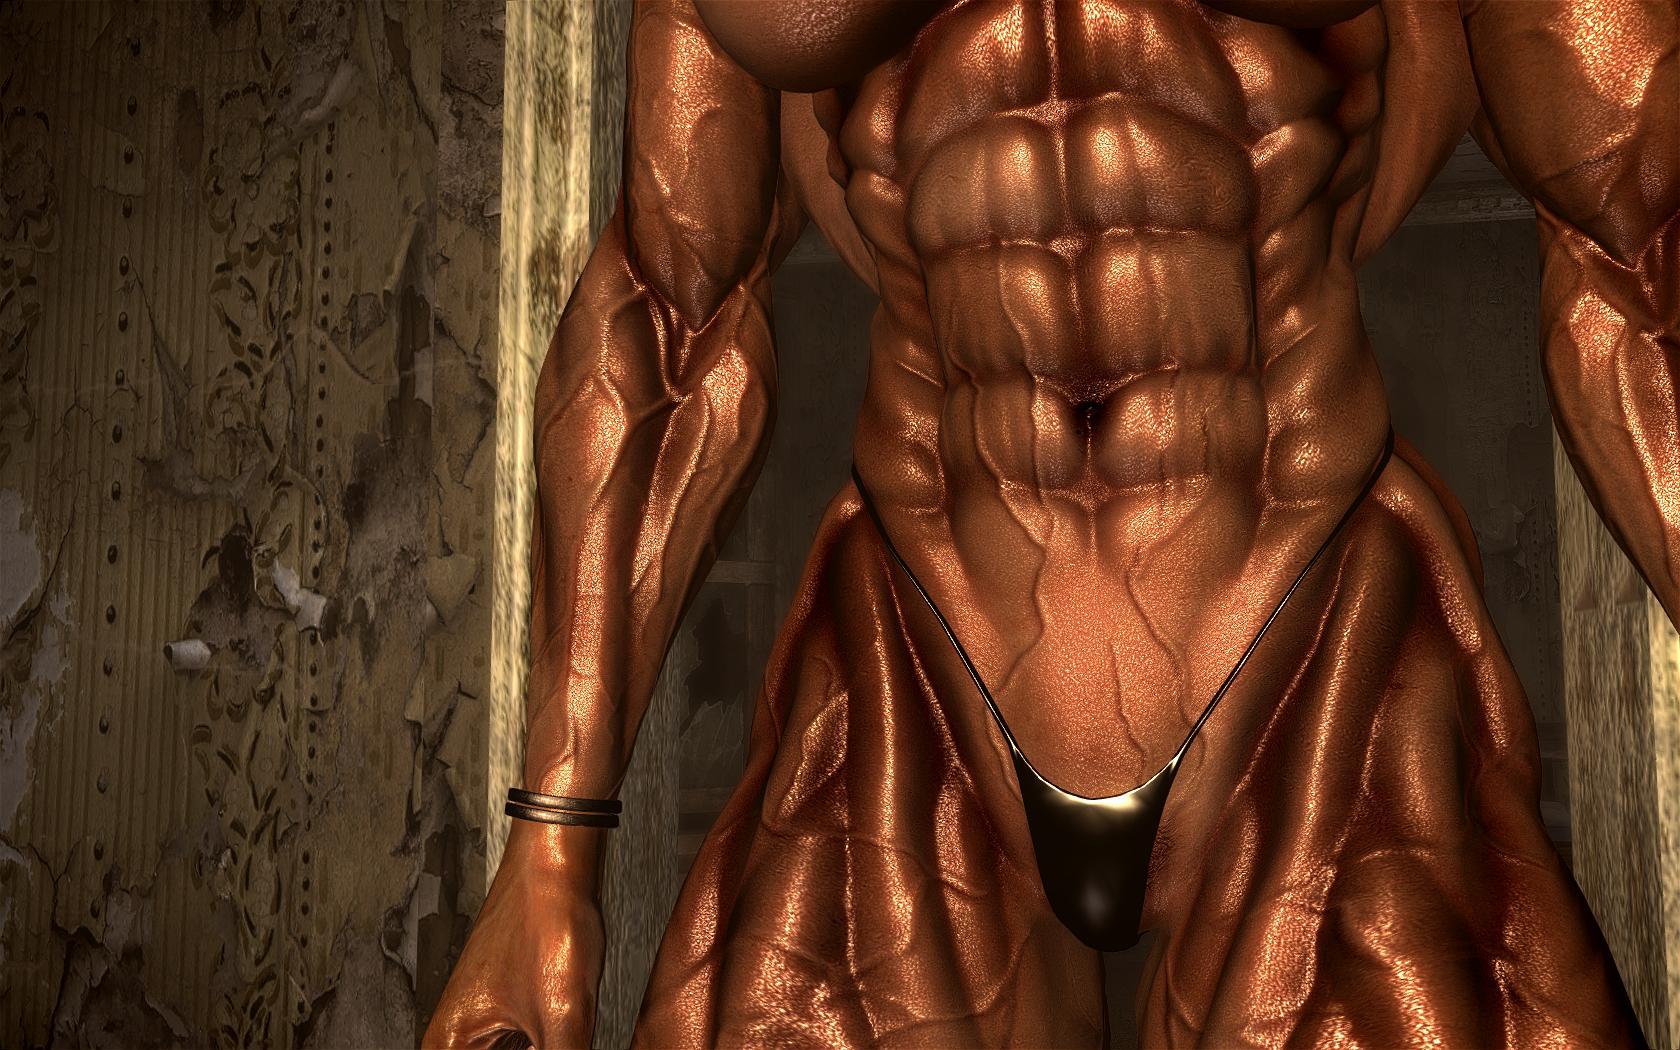 Fallout nude female sexual tube